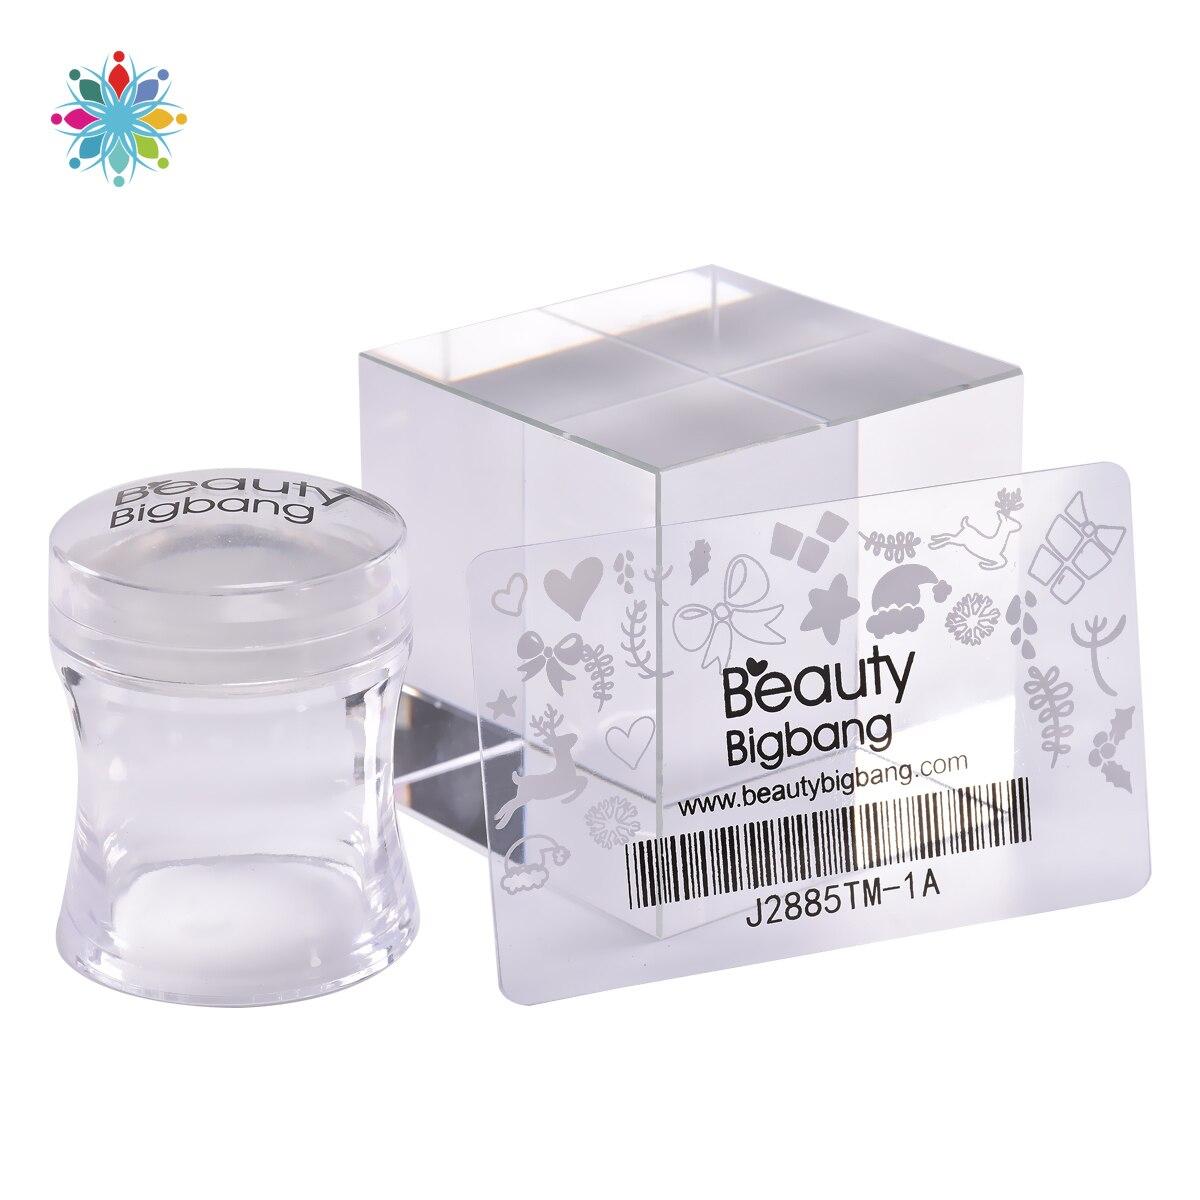 Beautybigbang 1 conjunto de silicone prego stamper retângulo geléia com raspador alça clara carimbar ferramenta manicure arte do prego stamper kit